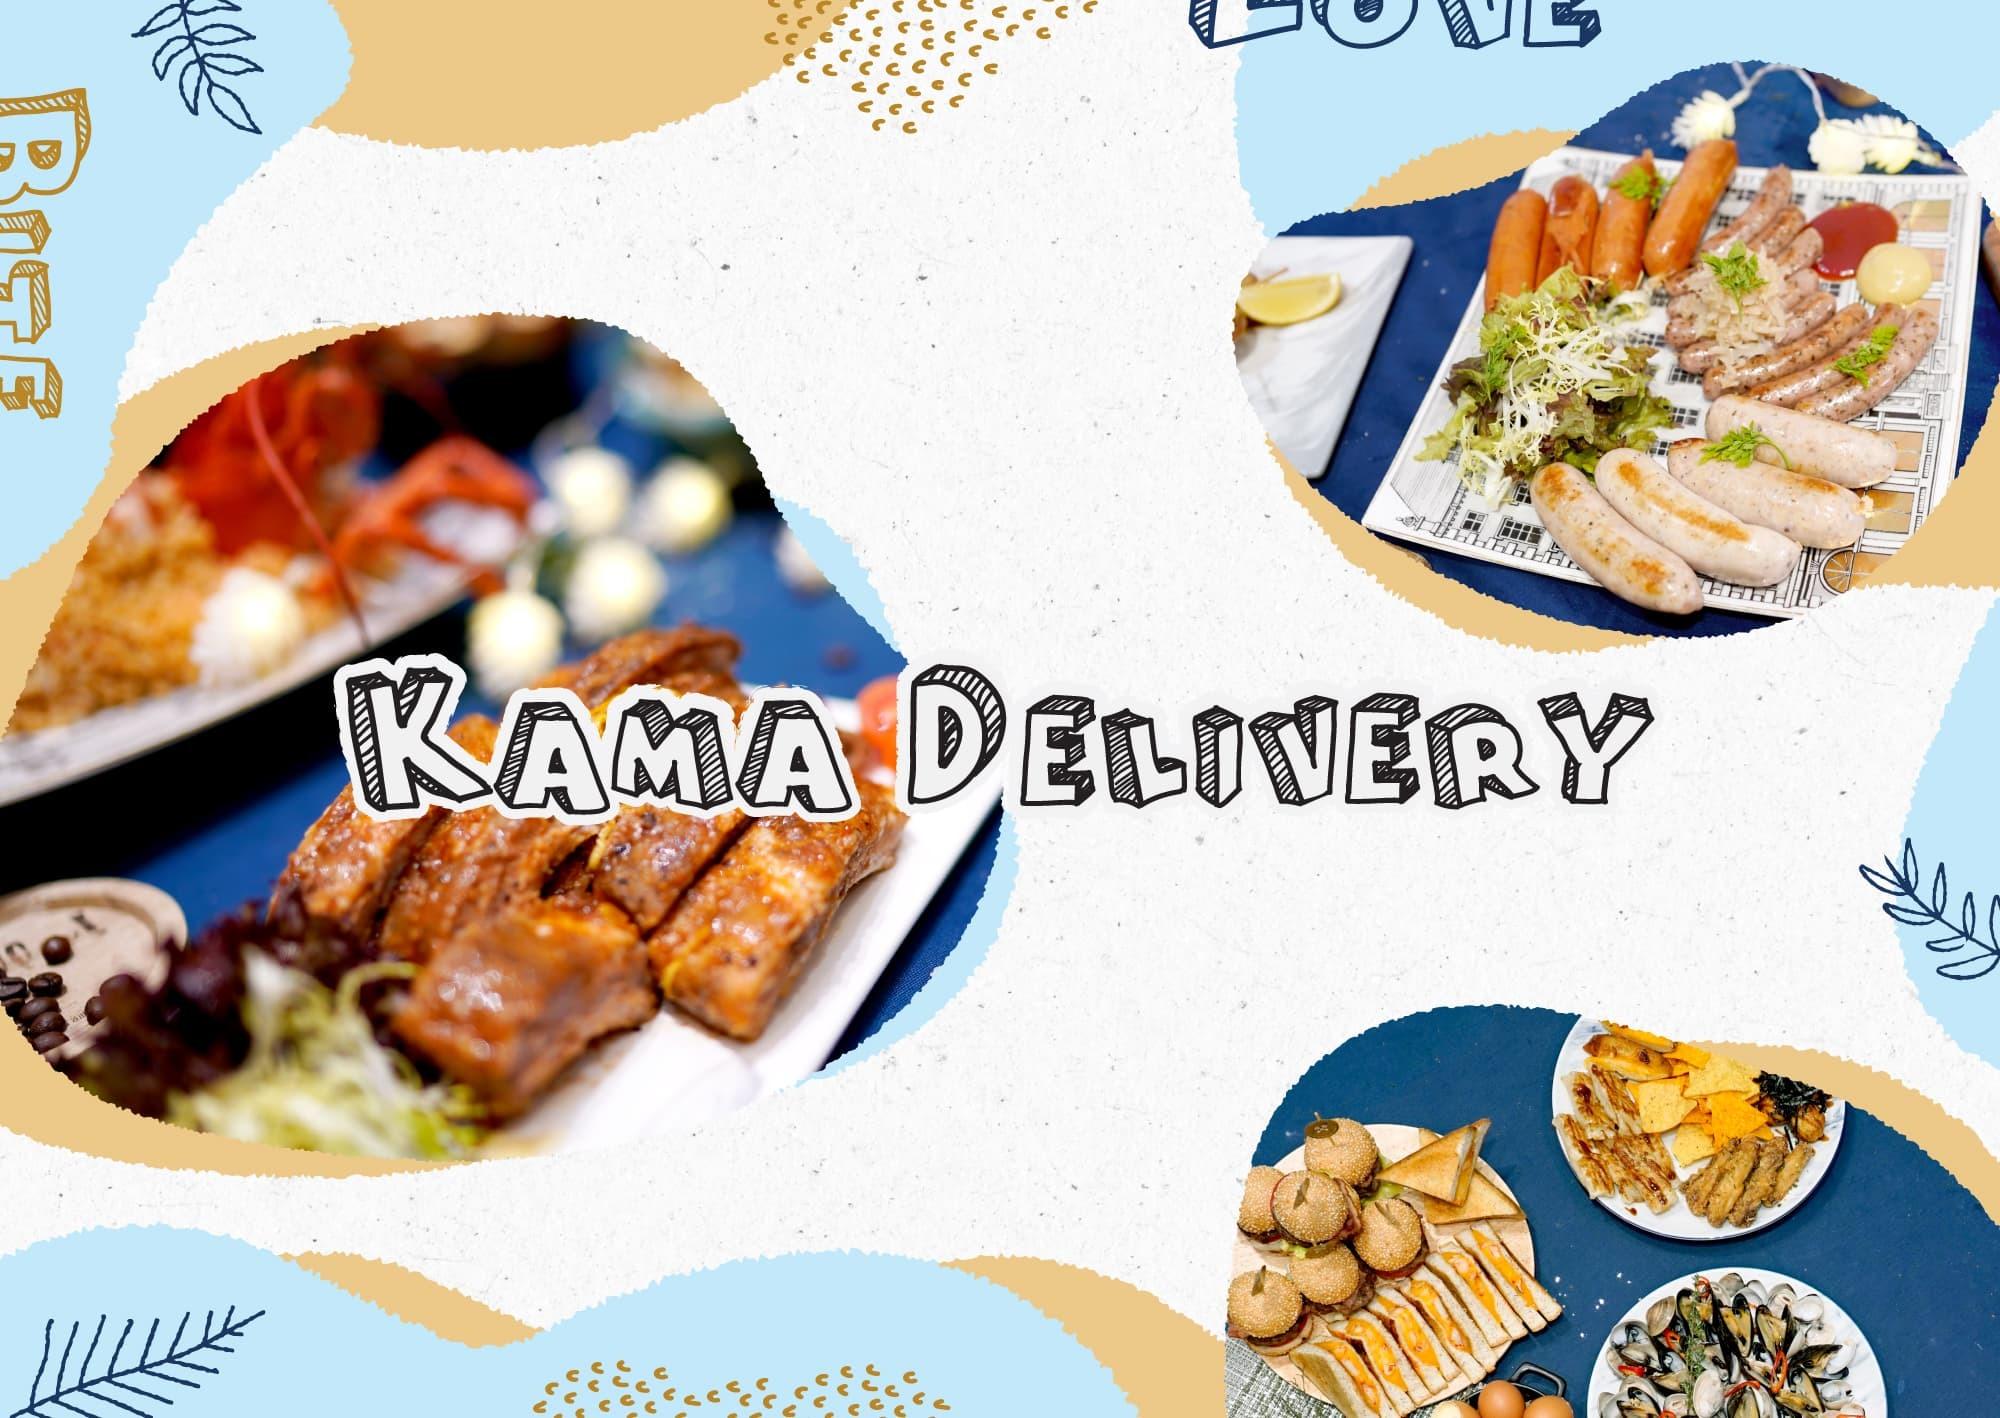 升遷慶祝美食到會預訂|Kama Delivery專門為各大公司、中小企、私人企業等提供平價抵食外賣速遞。